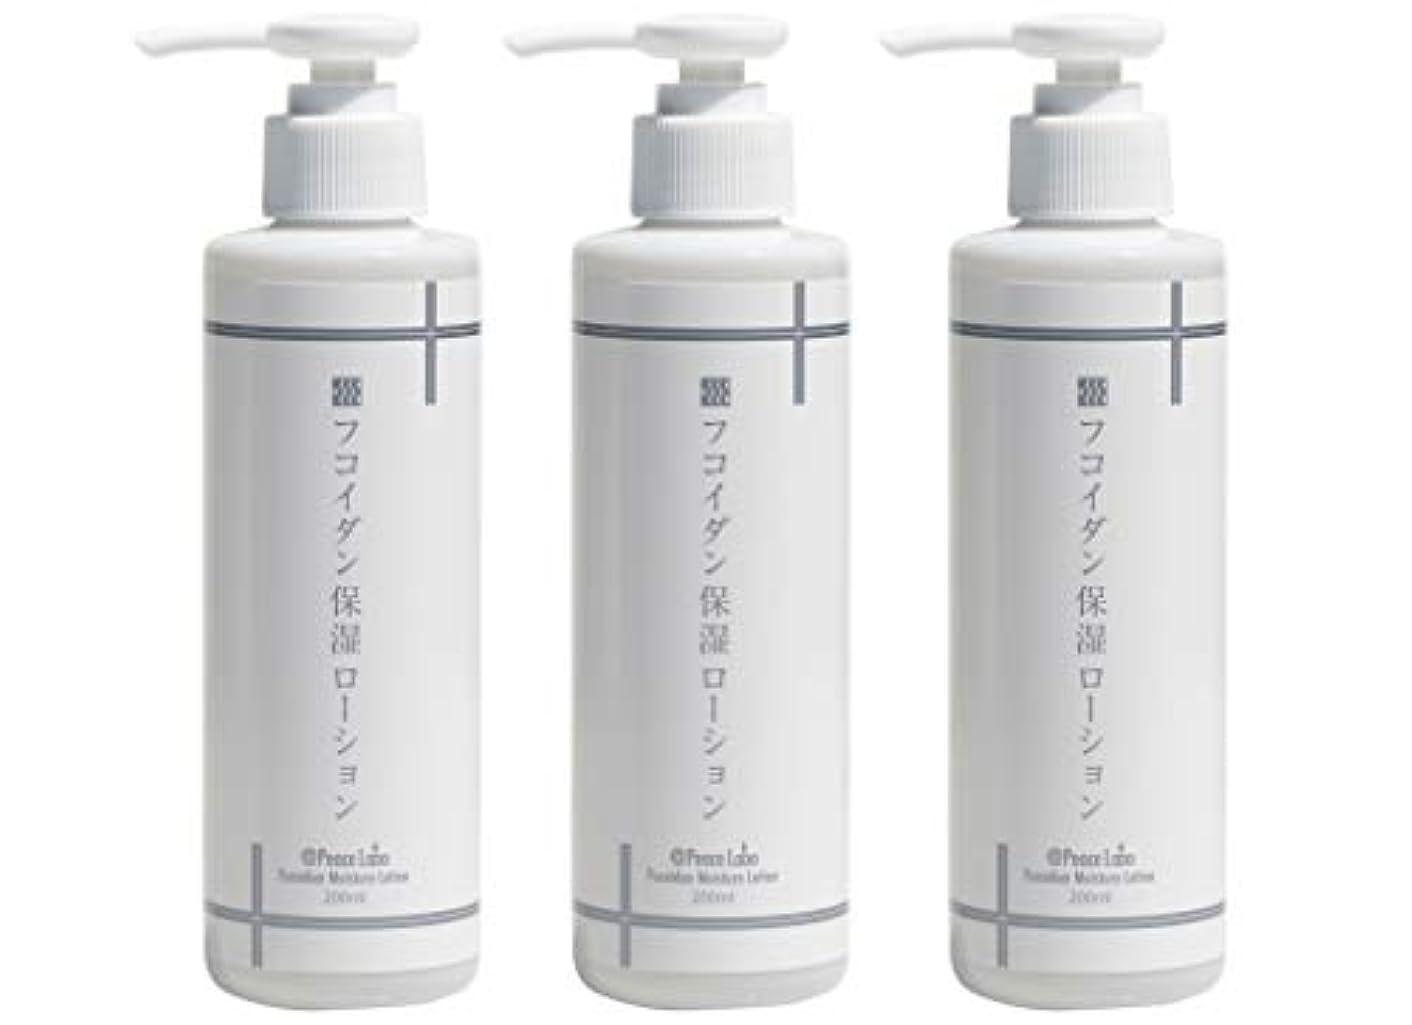 タンザニア乳剤アクセサリーアットピースラボ フコイダン保湿ローション 200ml(3本セット)